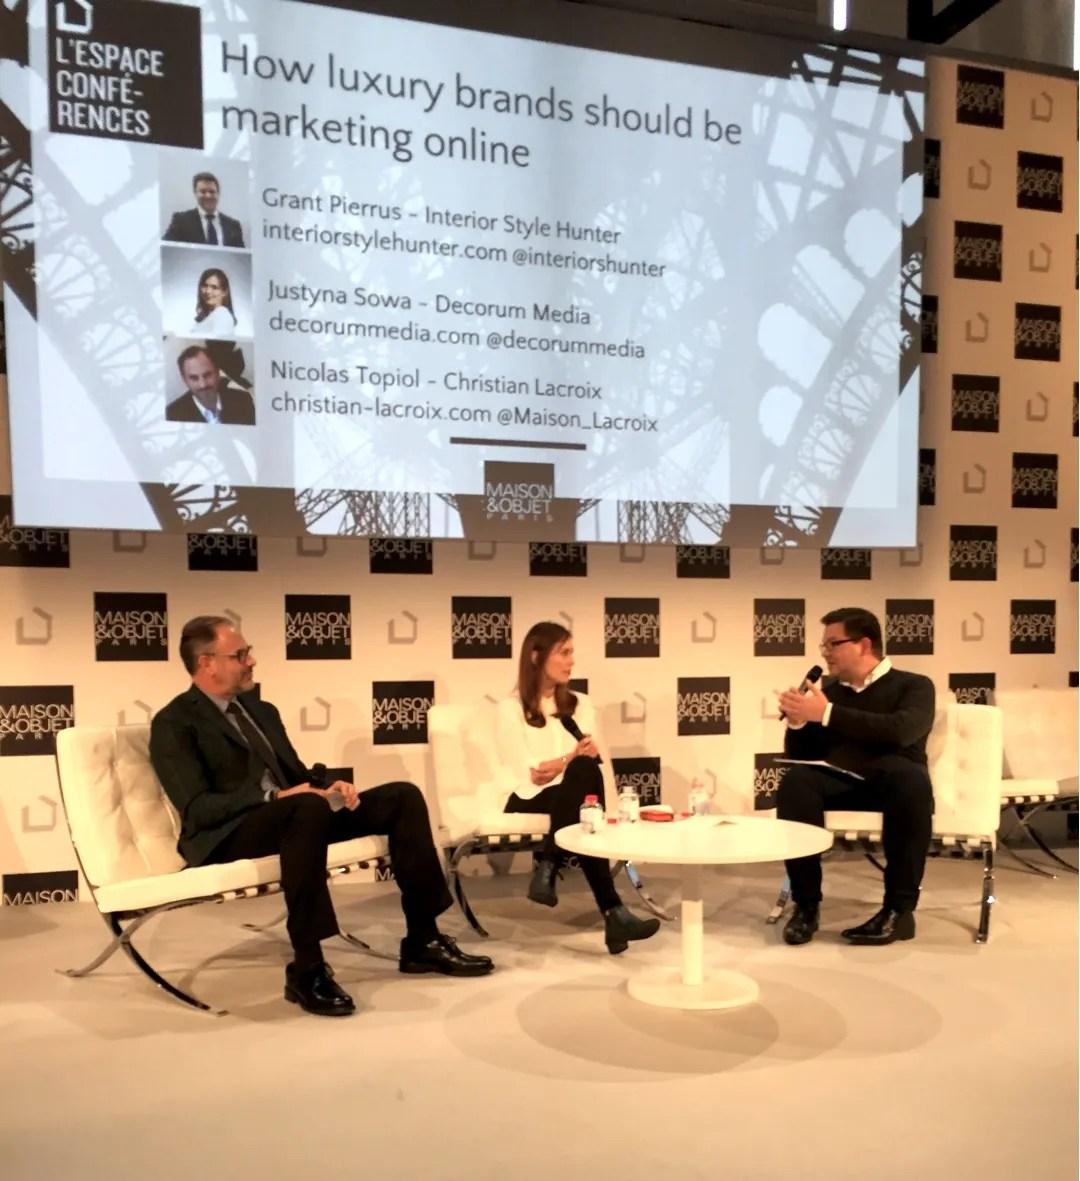 Watch my talk at maison objet paris on marketing luxury brands online